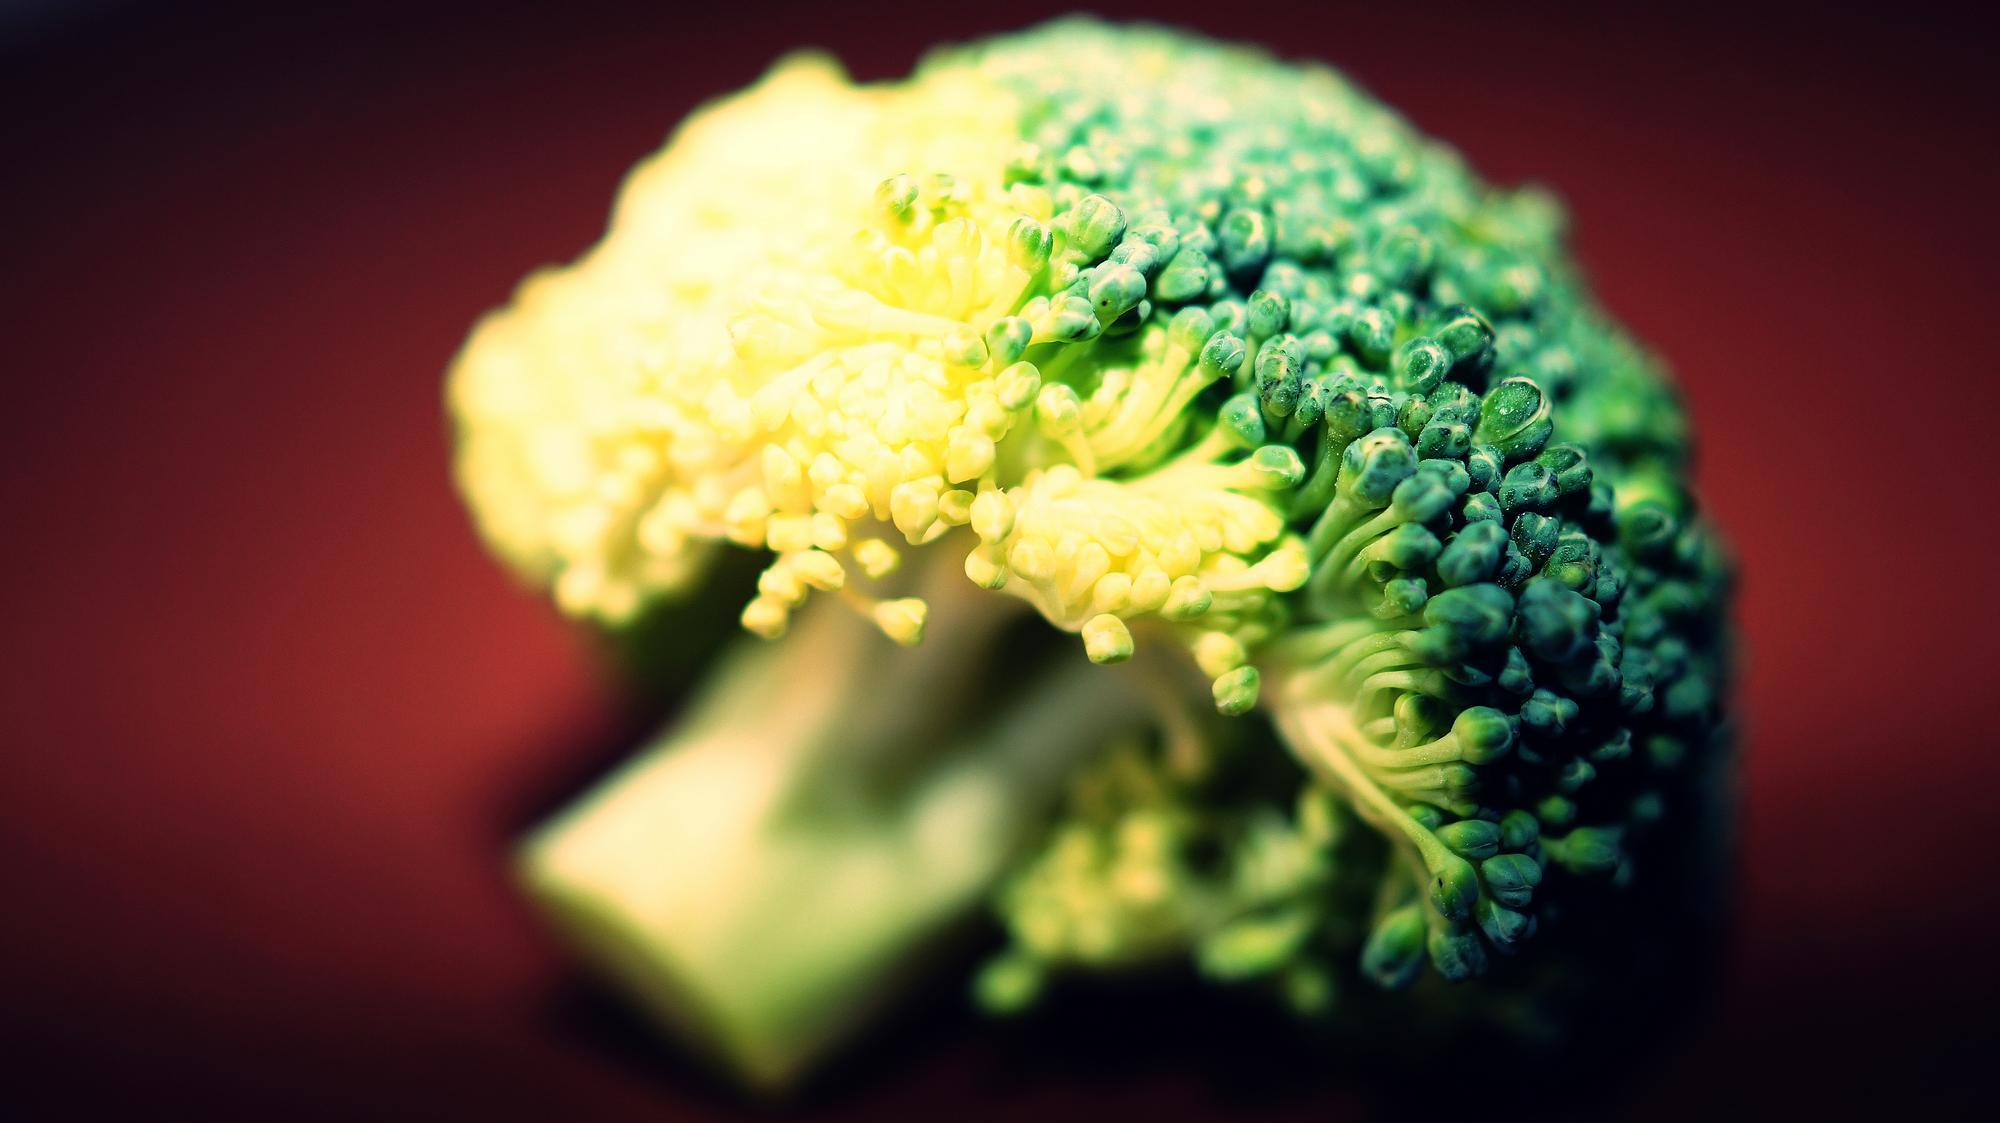 Eating the broccoli